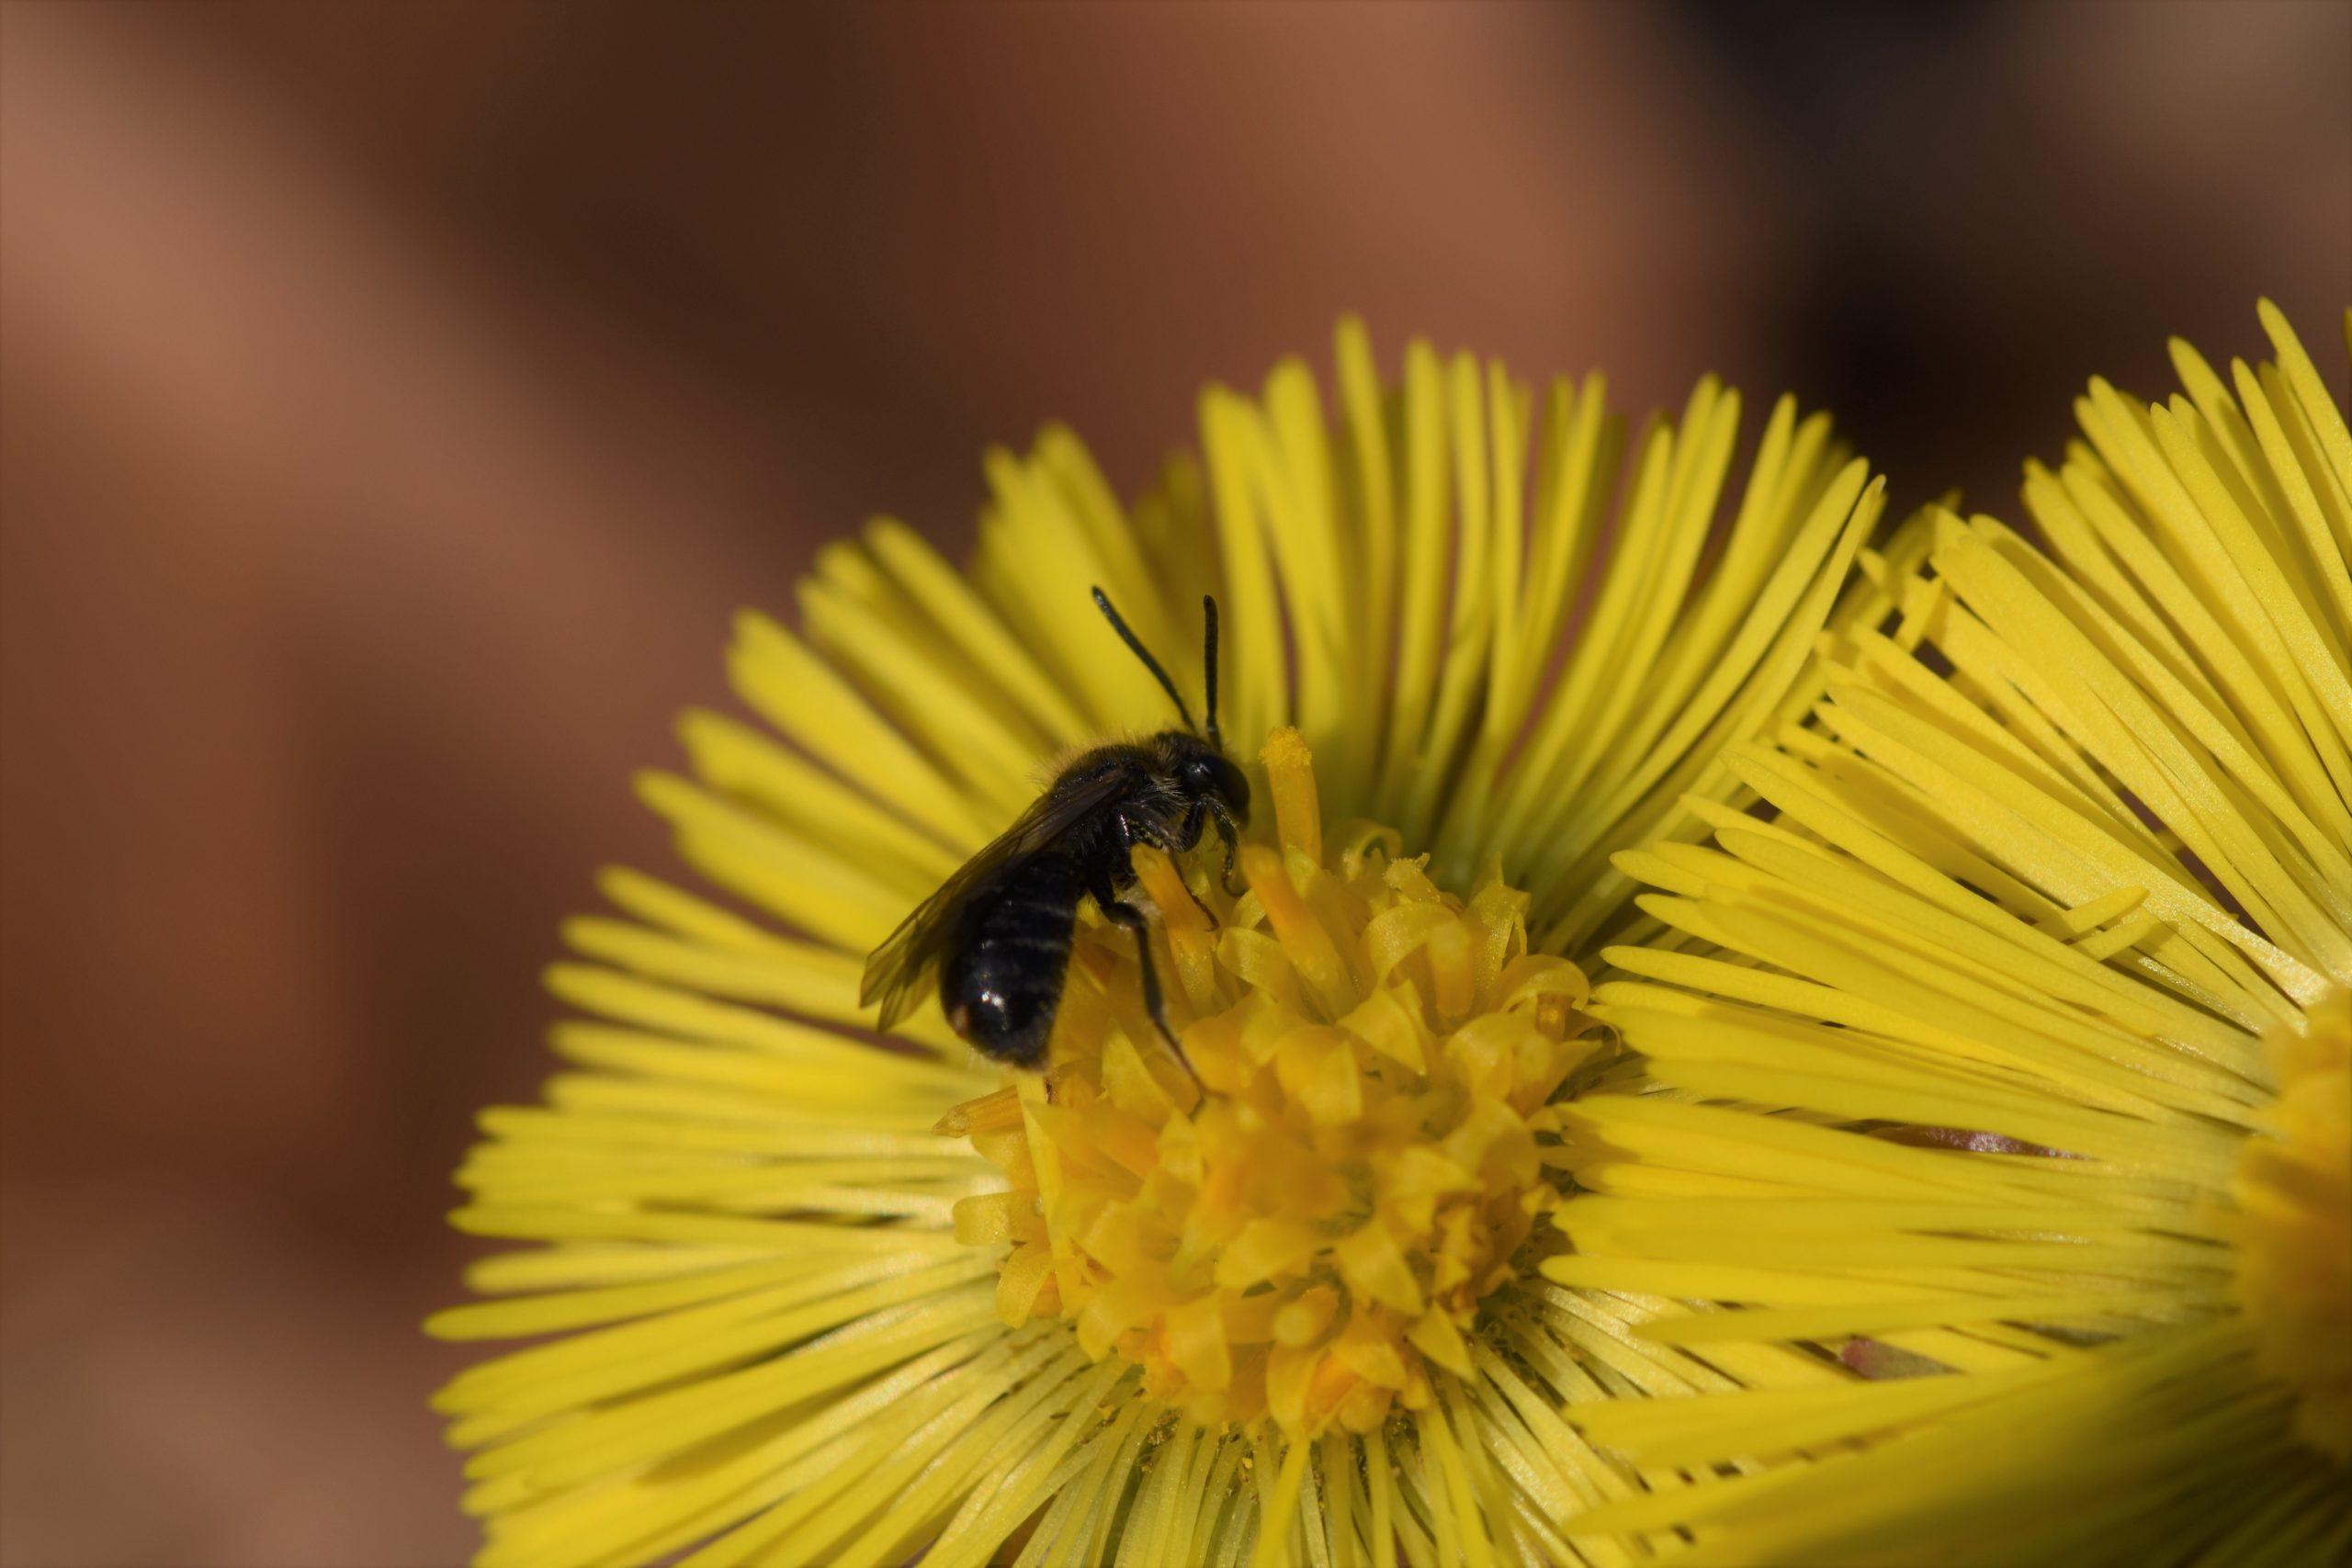 Wildbiene auf gelber Huflattichblüte (gelber Frühblüher)